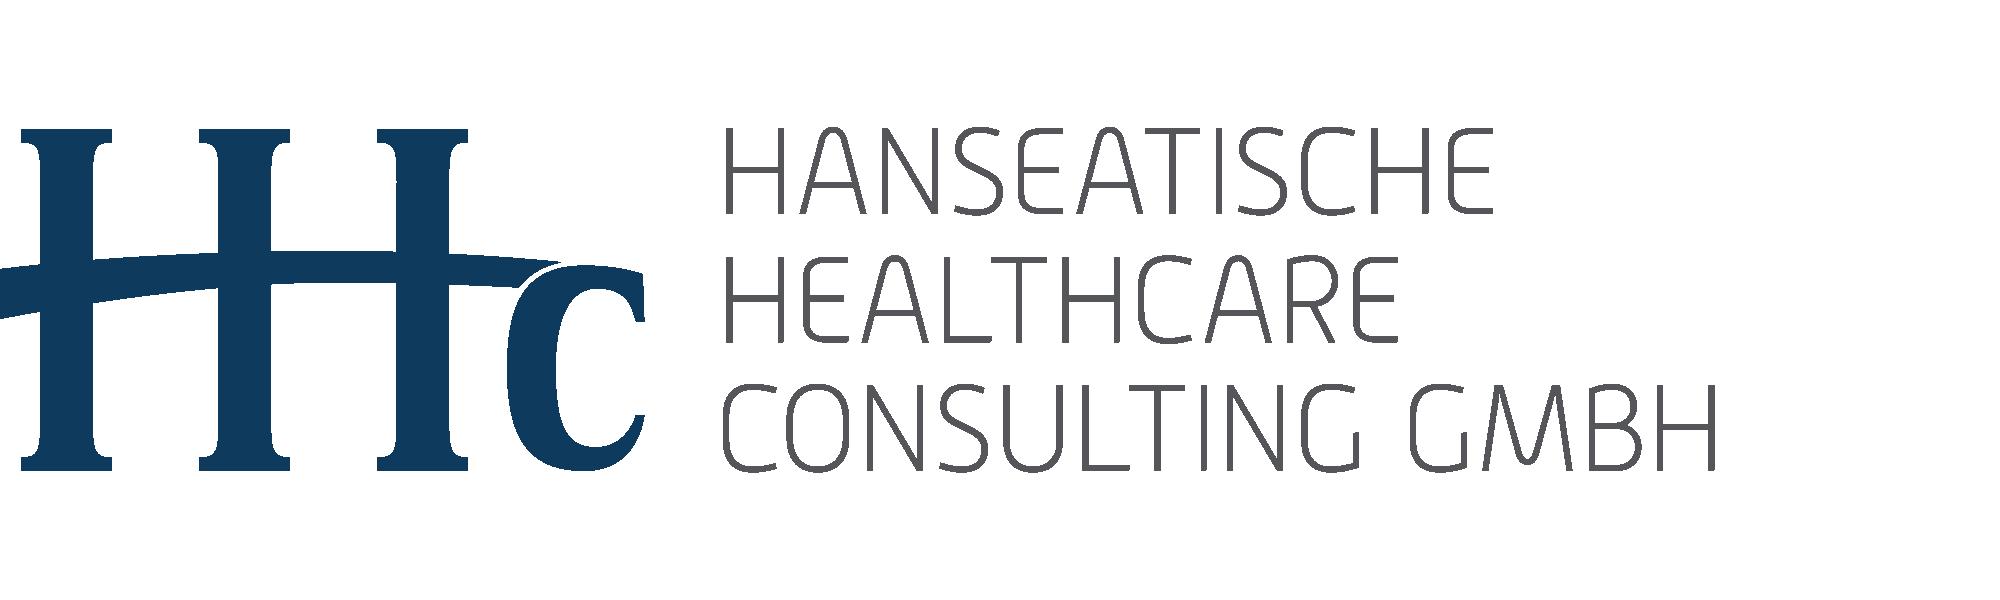 HHC Hanseatische Healthcare Consulting GmbH